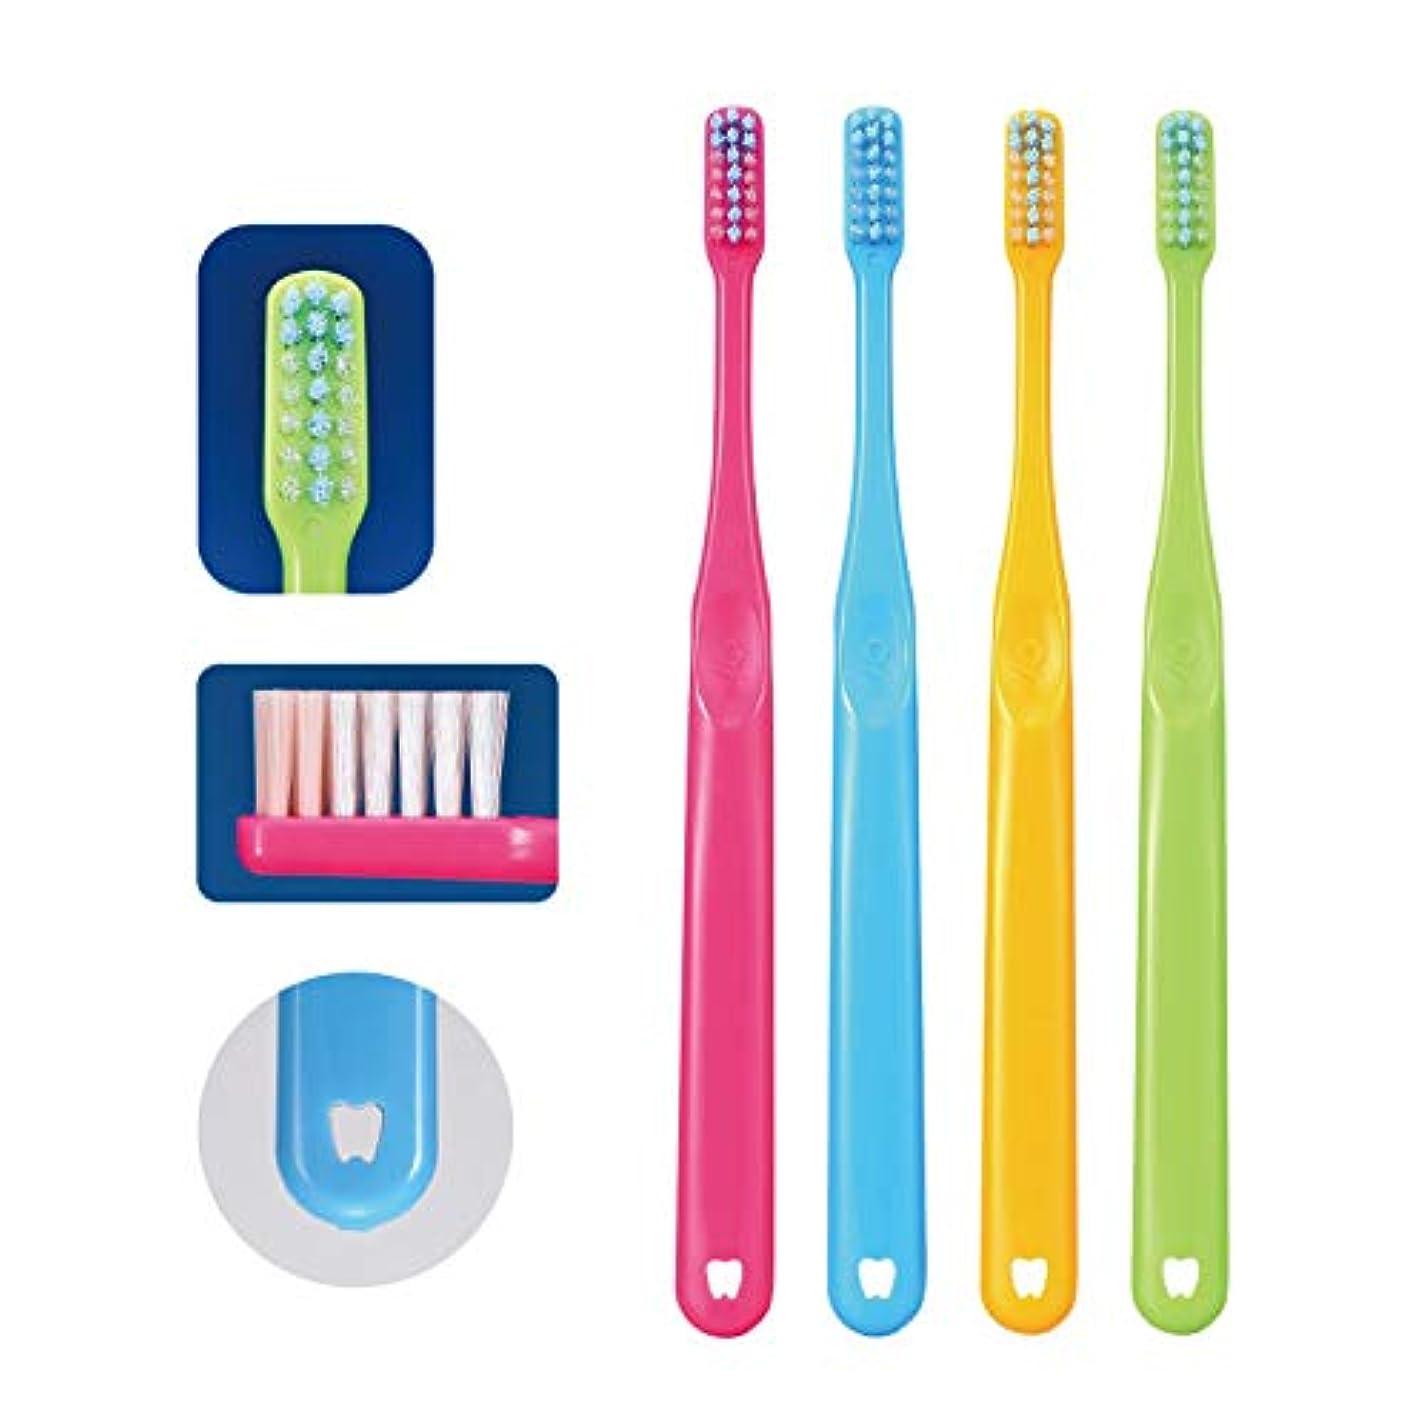 知覚的単なるに関してCi PRO PLUS プロプラス 歯ブラシ 20本 S(やわらかめ) 日本製 プラーク除去 歯科専売品